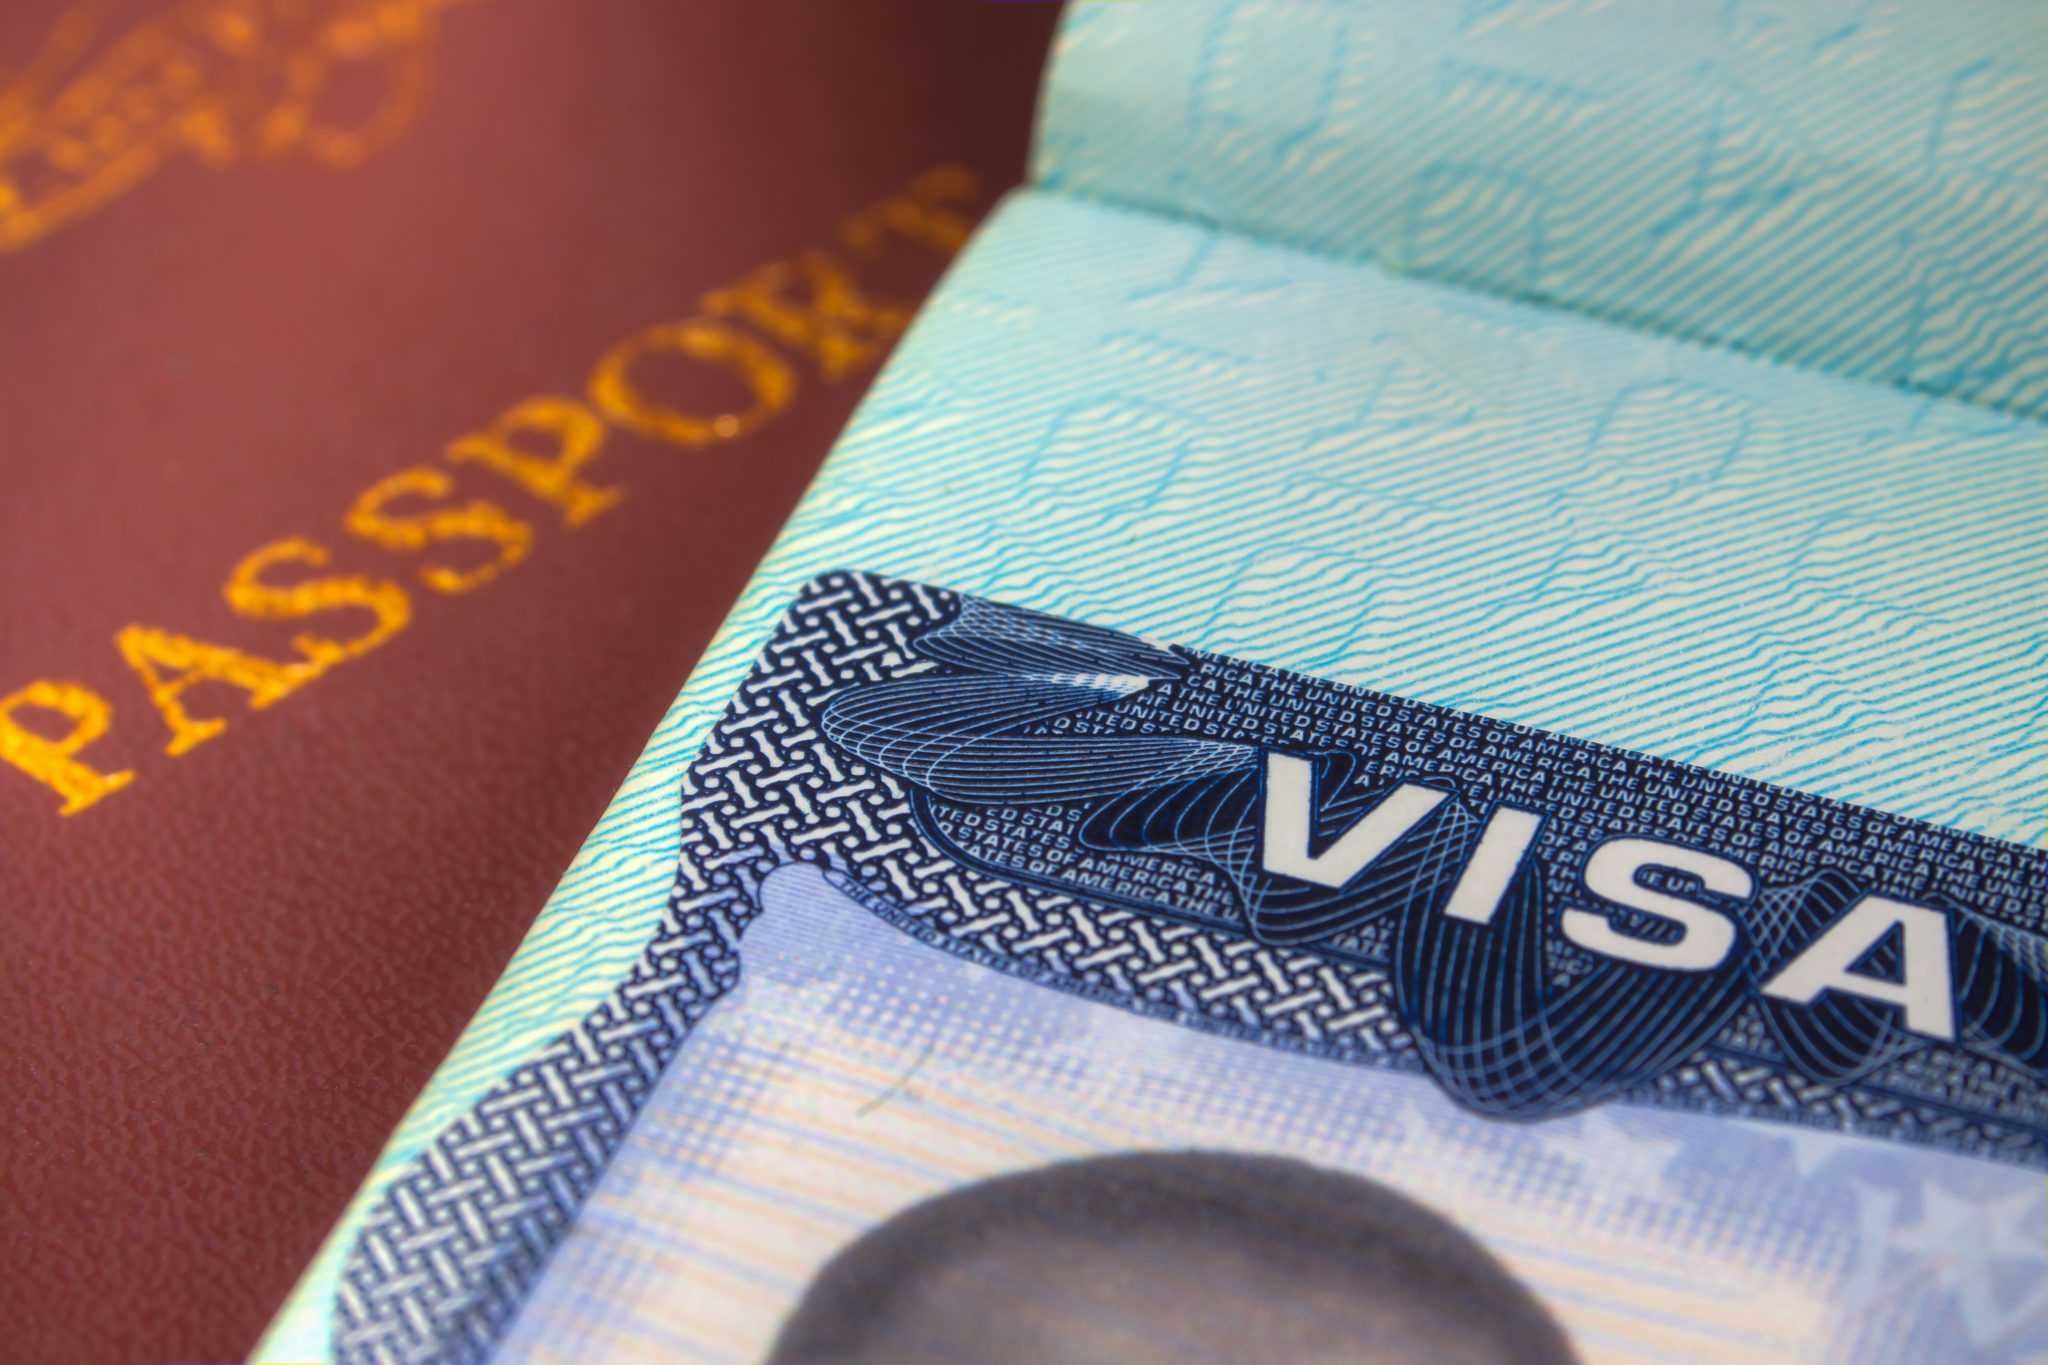 Gedung Putih Dapat Menangguhkan H-1B, Visa Lainnya Untuk Sementara